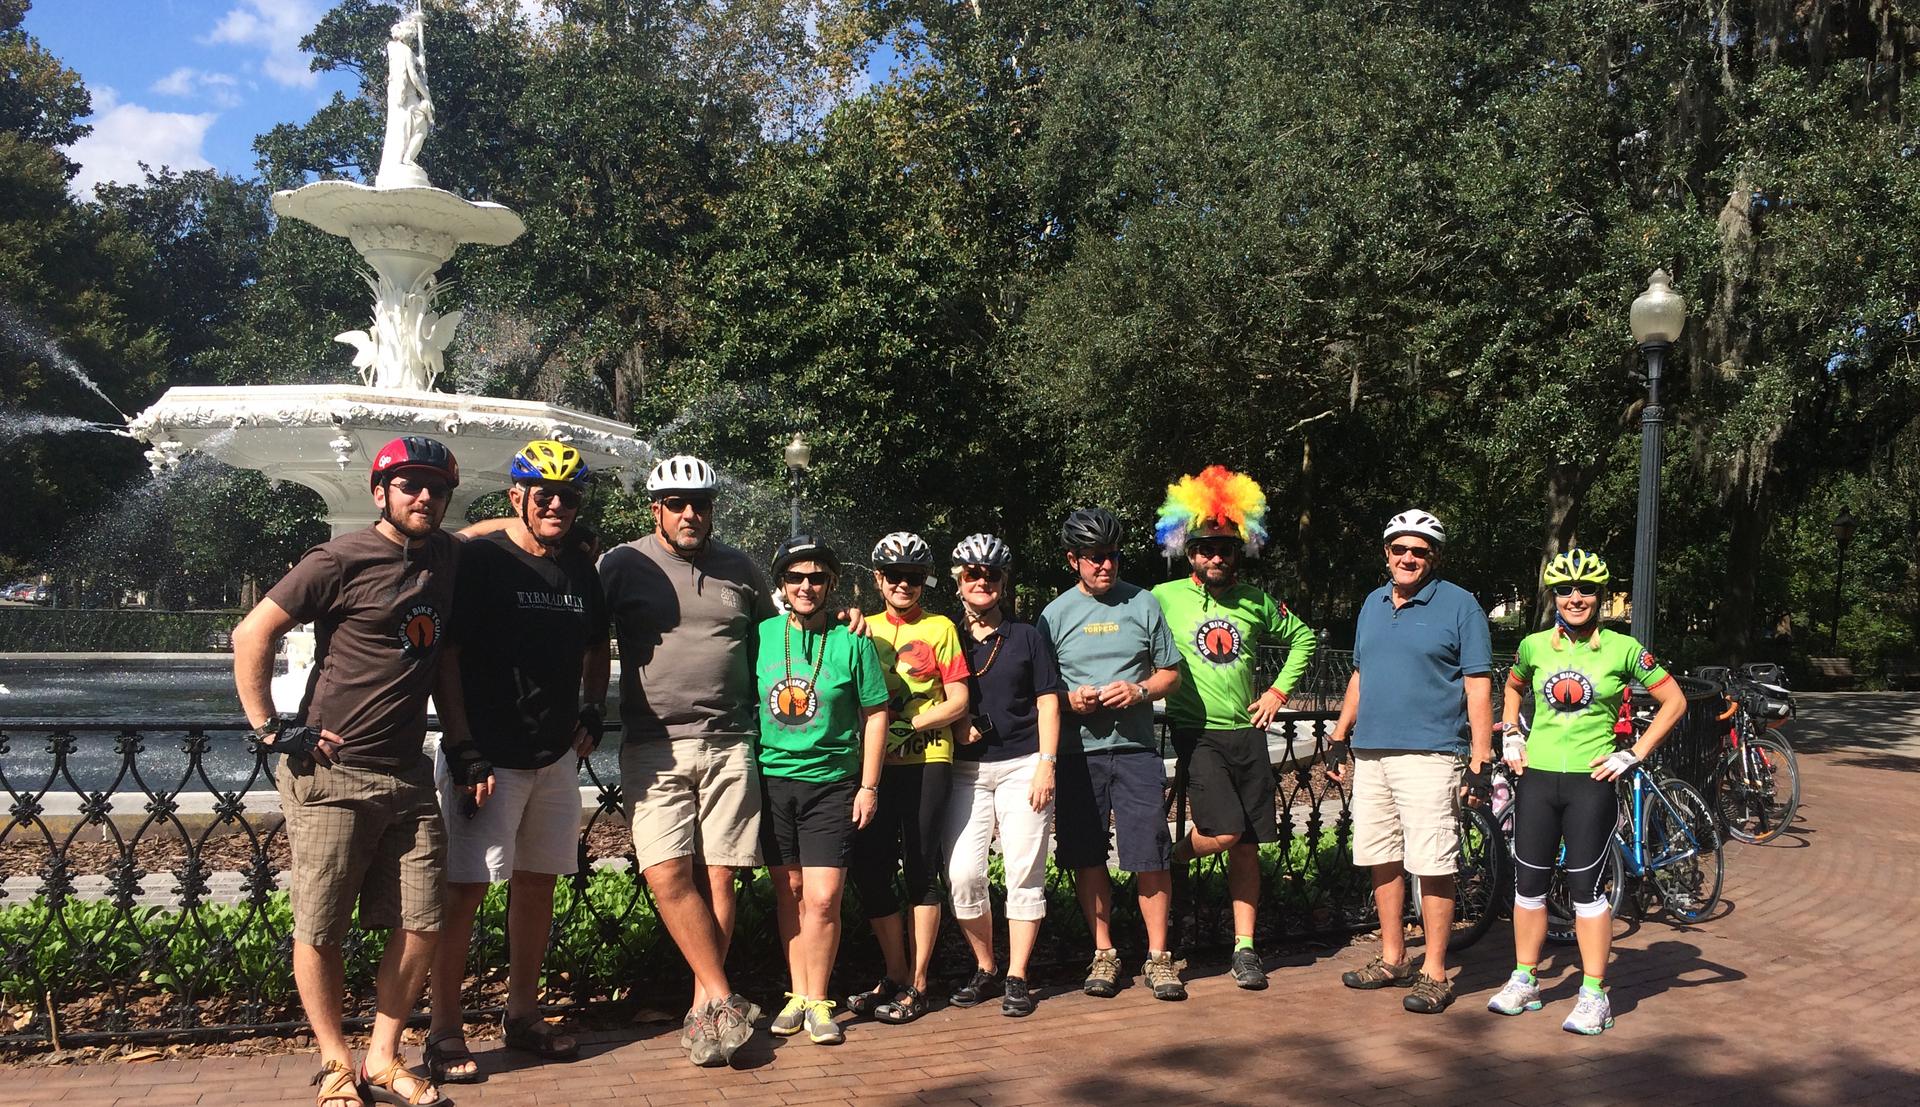 Beer Bike Tours Charleston S C To Savannah Ga